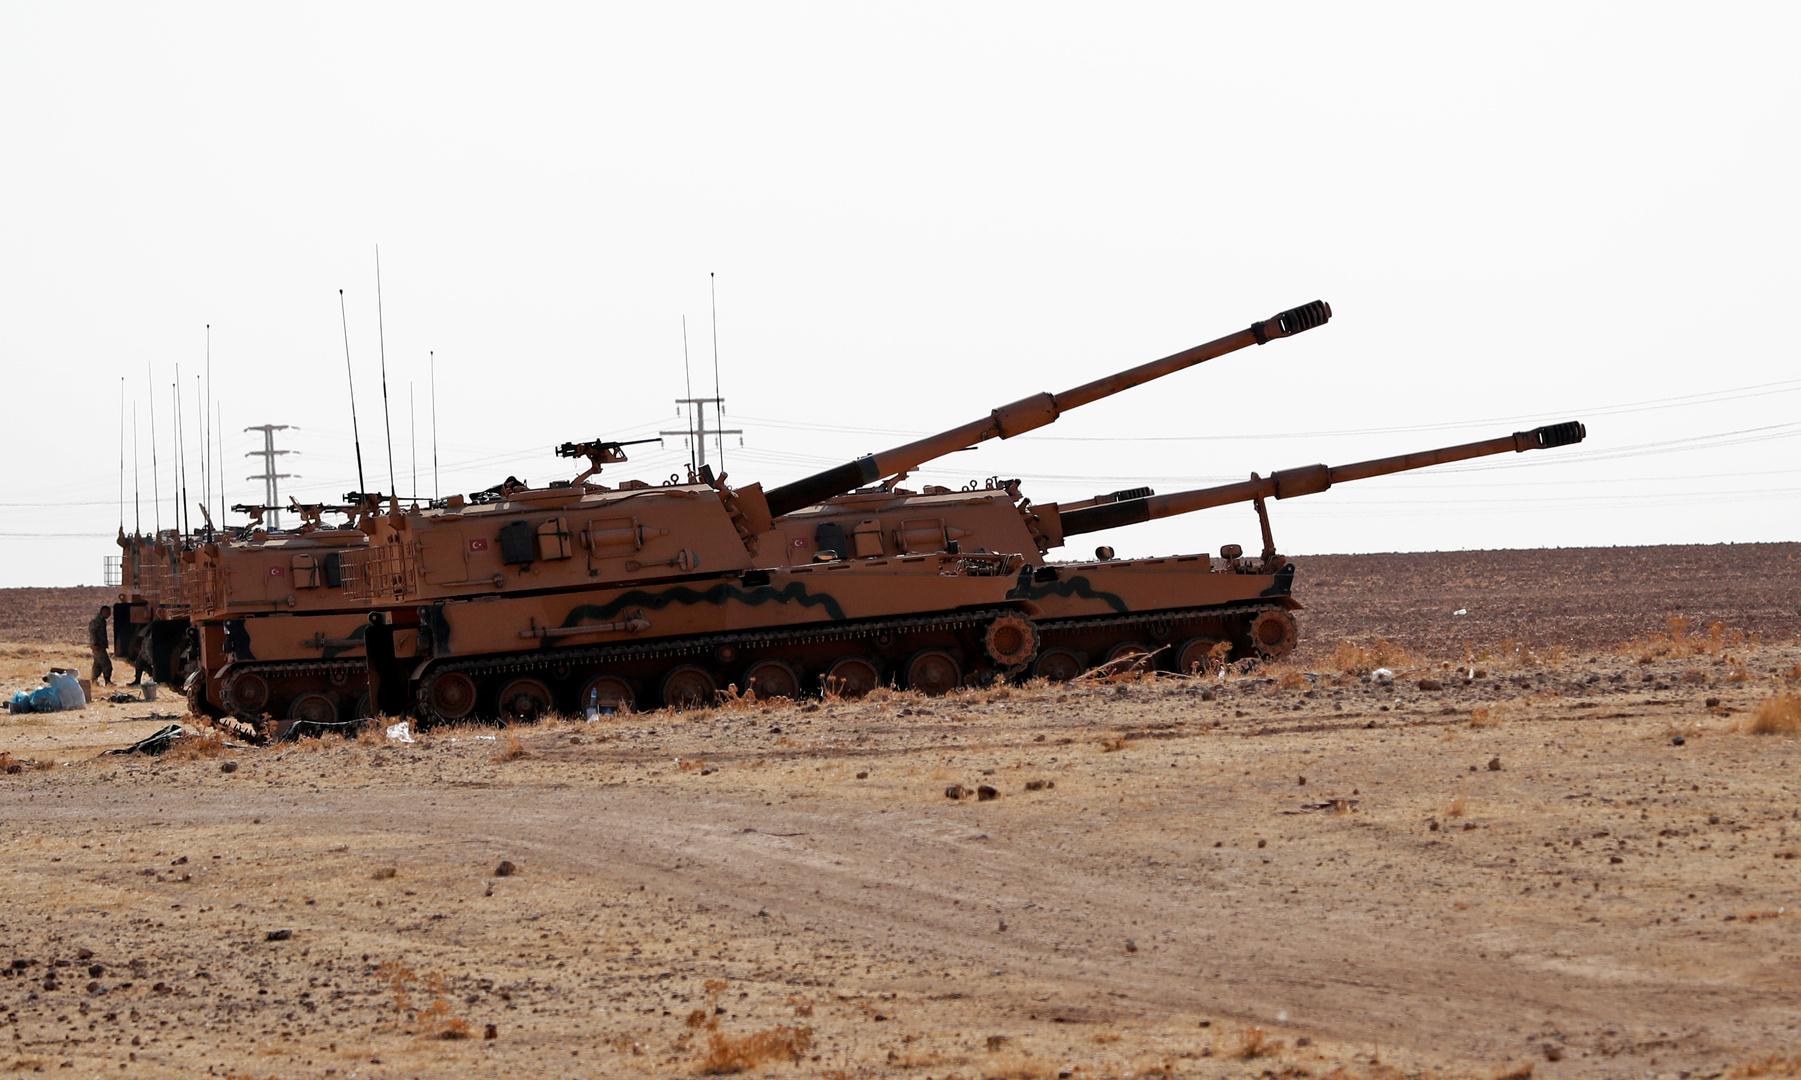 الجيش التركي يعلن مقتل 1450 مسلحا في شمال العراق وسوريا منذ يناير الماضي